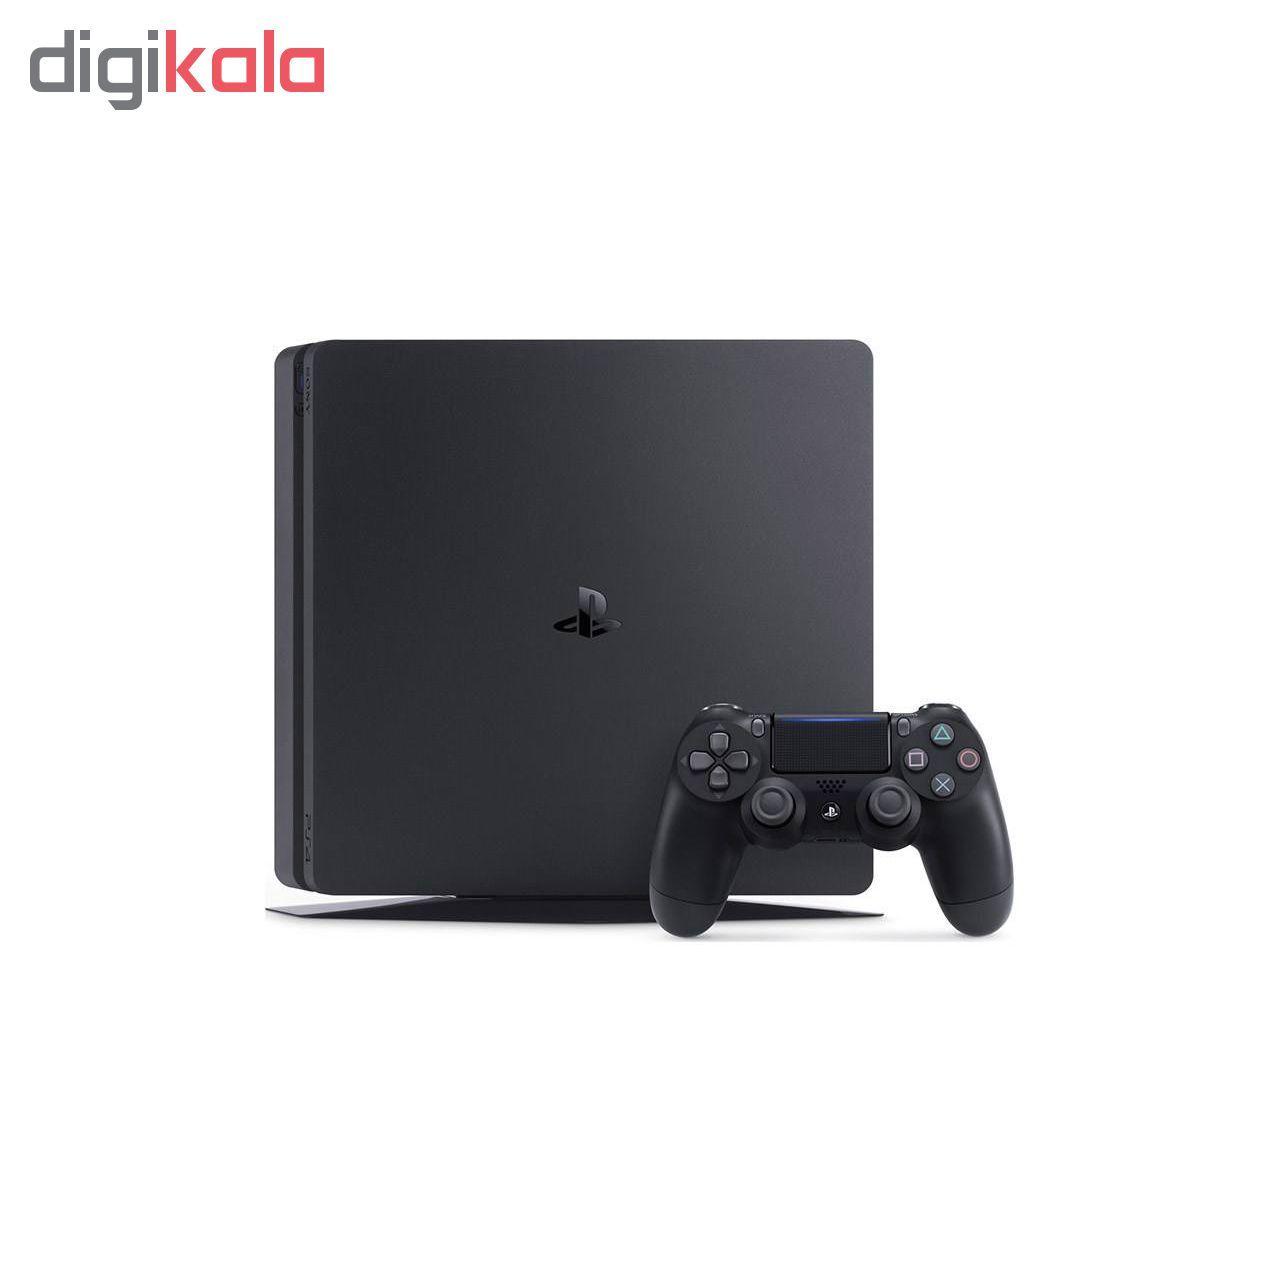 کنسول بازی سونی مدل Playstation 4 Slim کد Region 2 CUH-2216A - ظرفیت 500 گیگابایت main 1 5